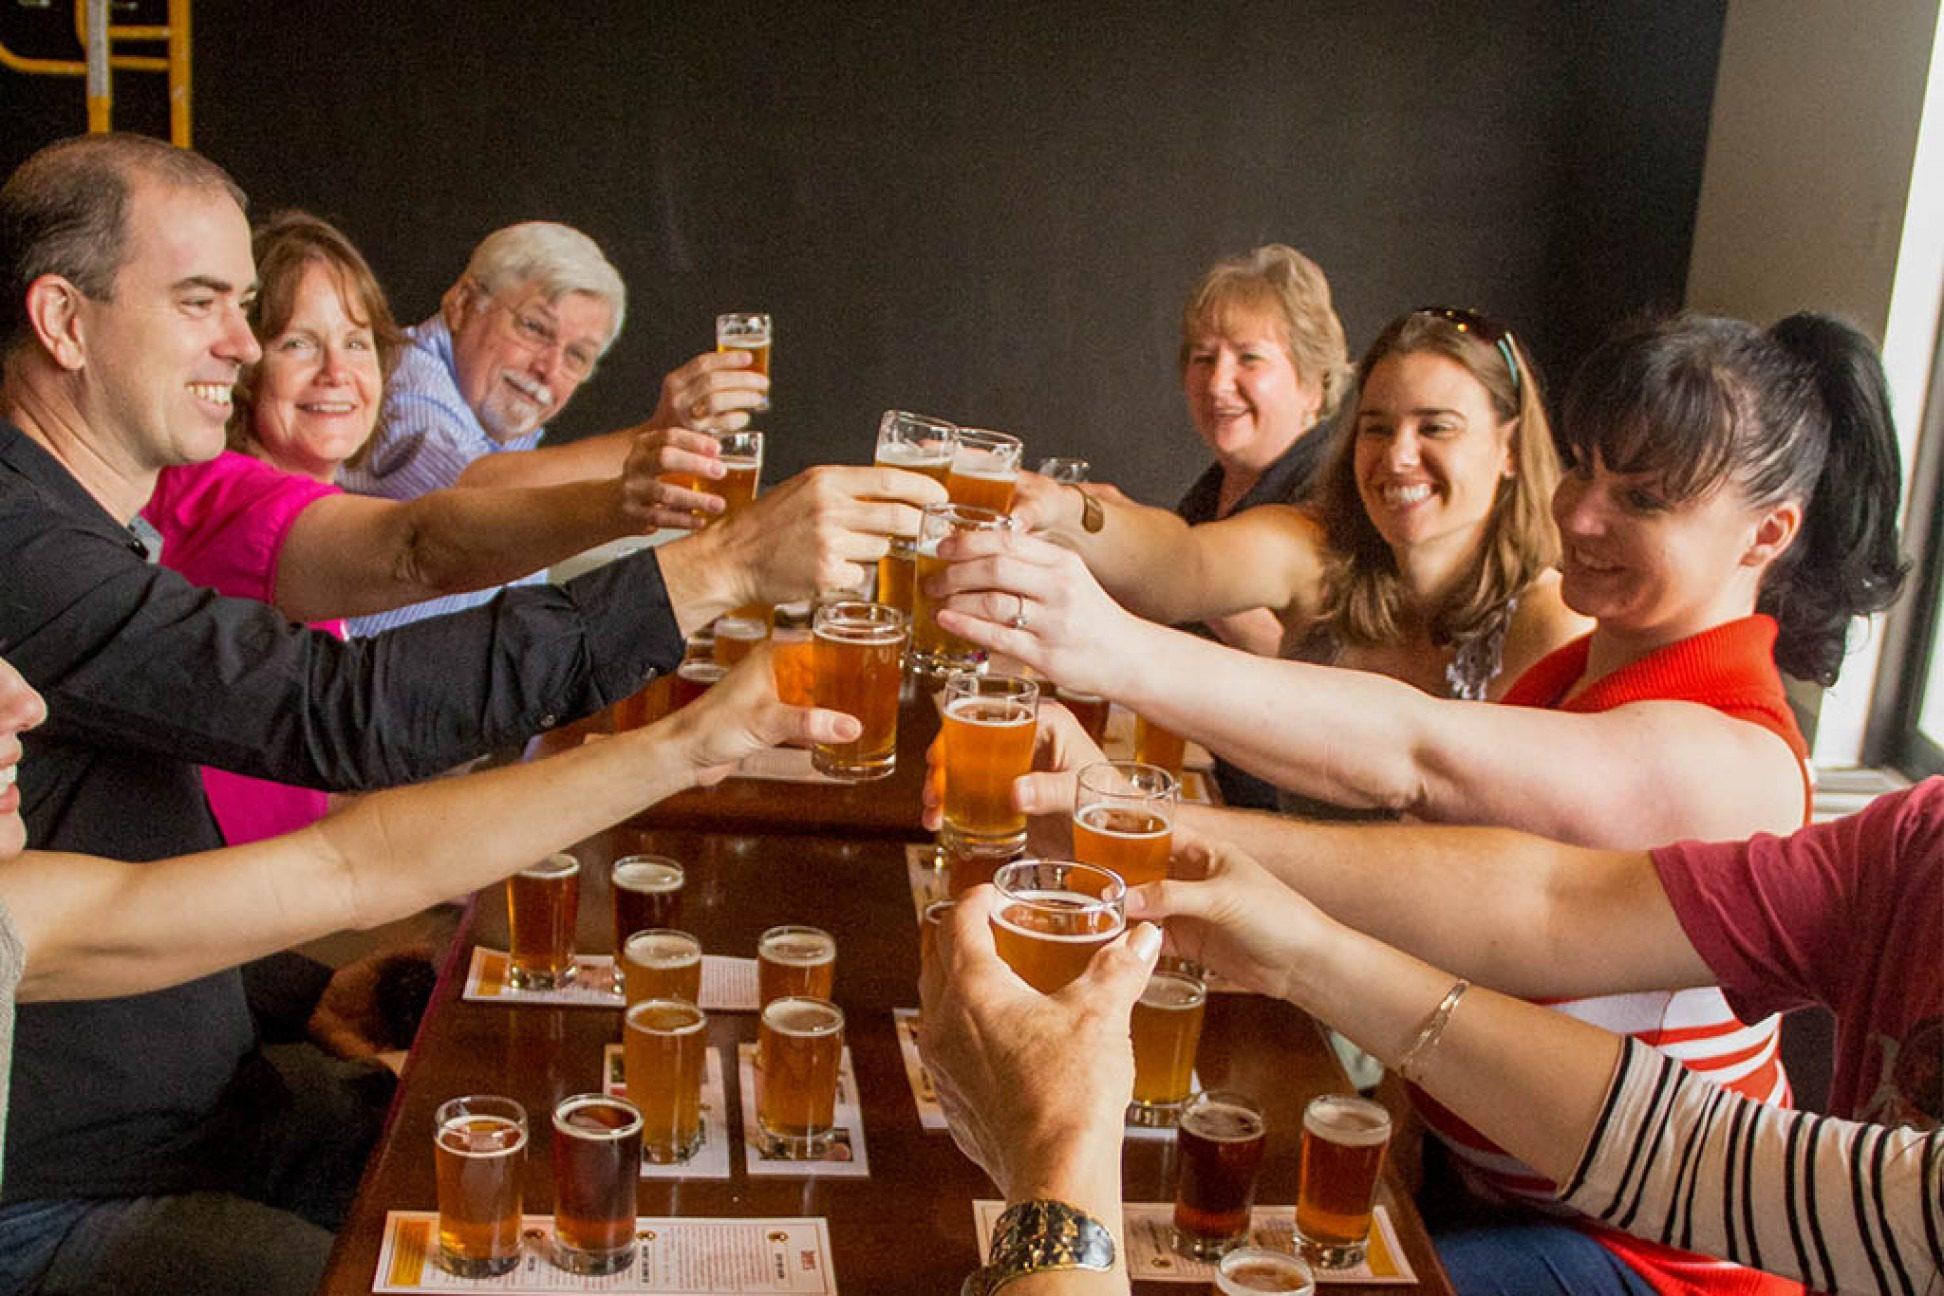 Virginia Beach breweries